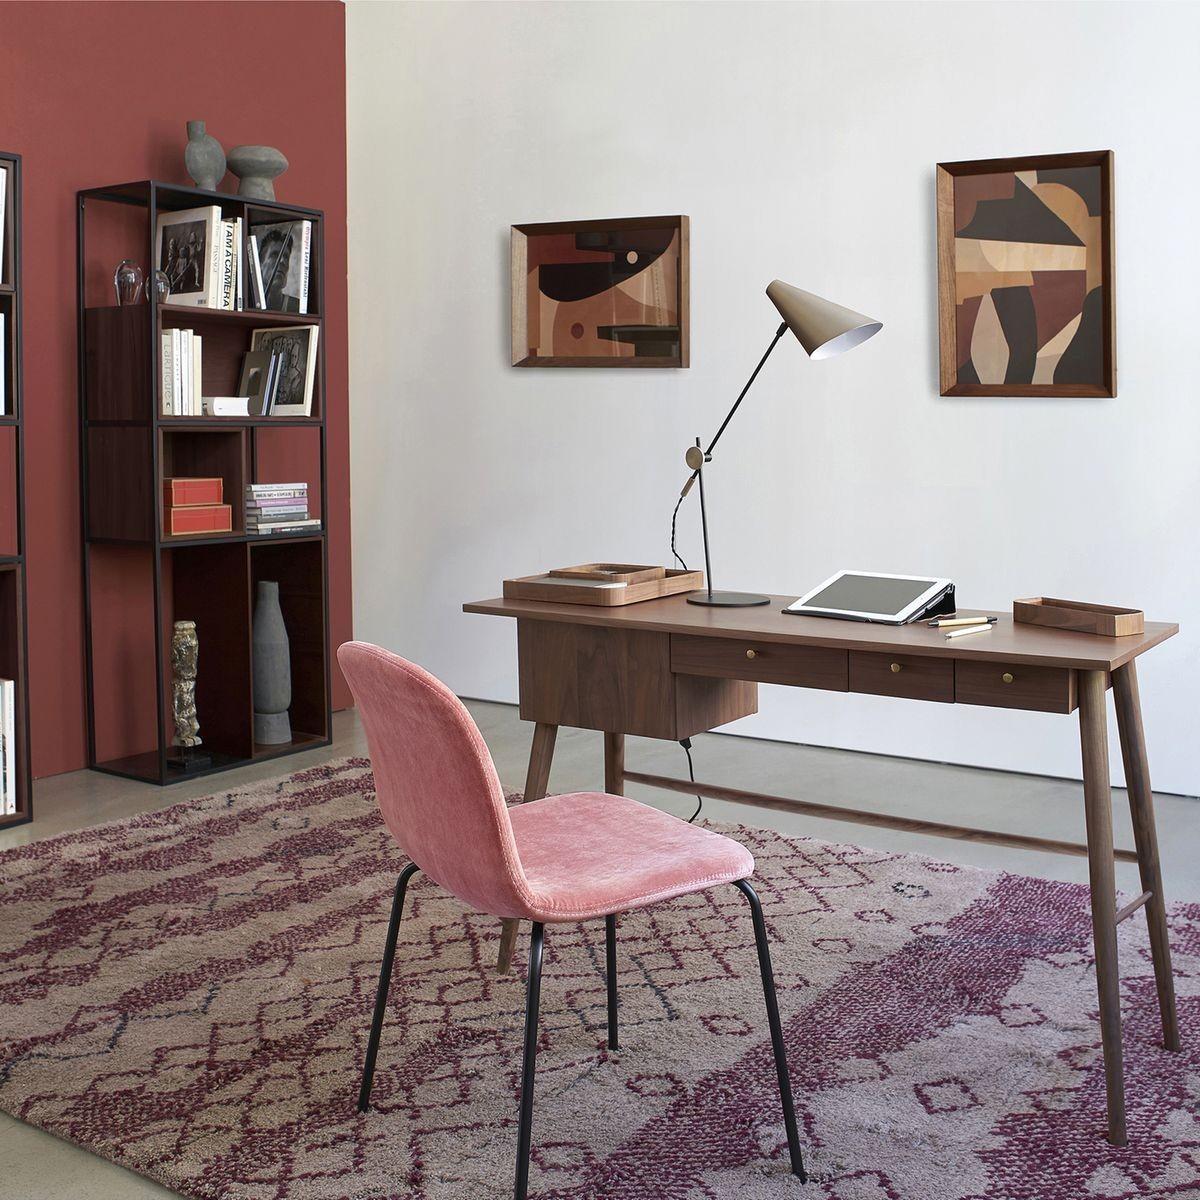 bureau faible profondeur rose vintage éclectique decoration - blog déco - clem around the corner